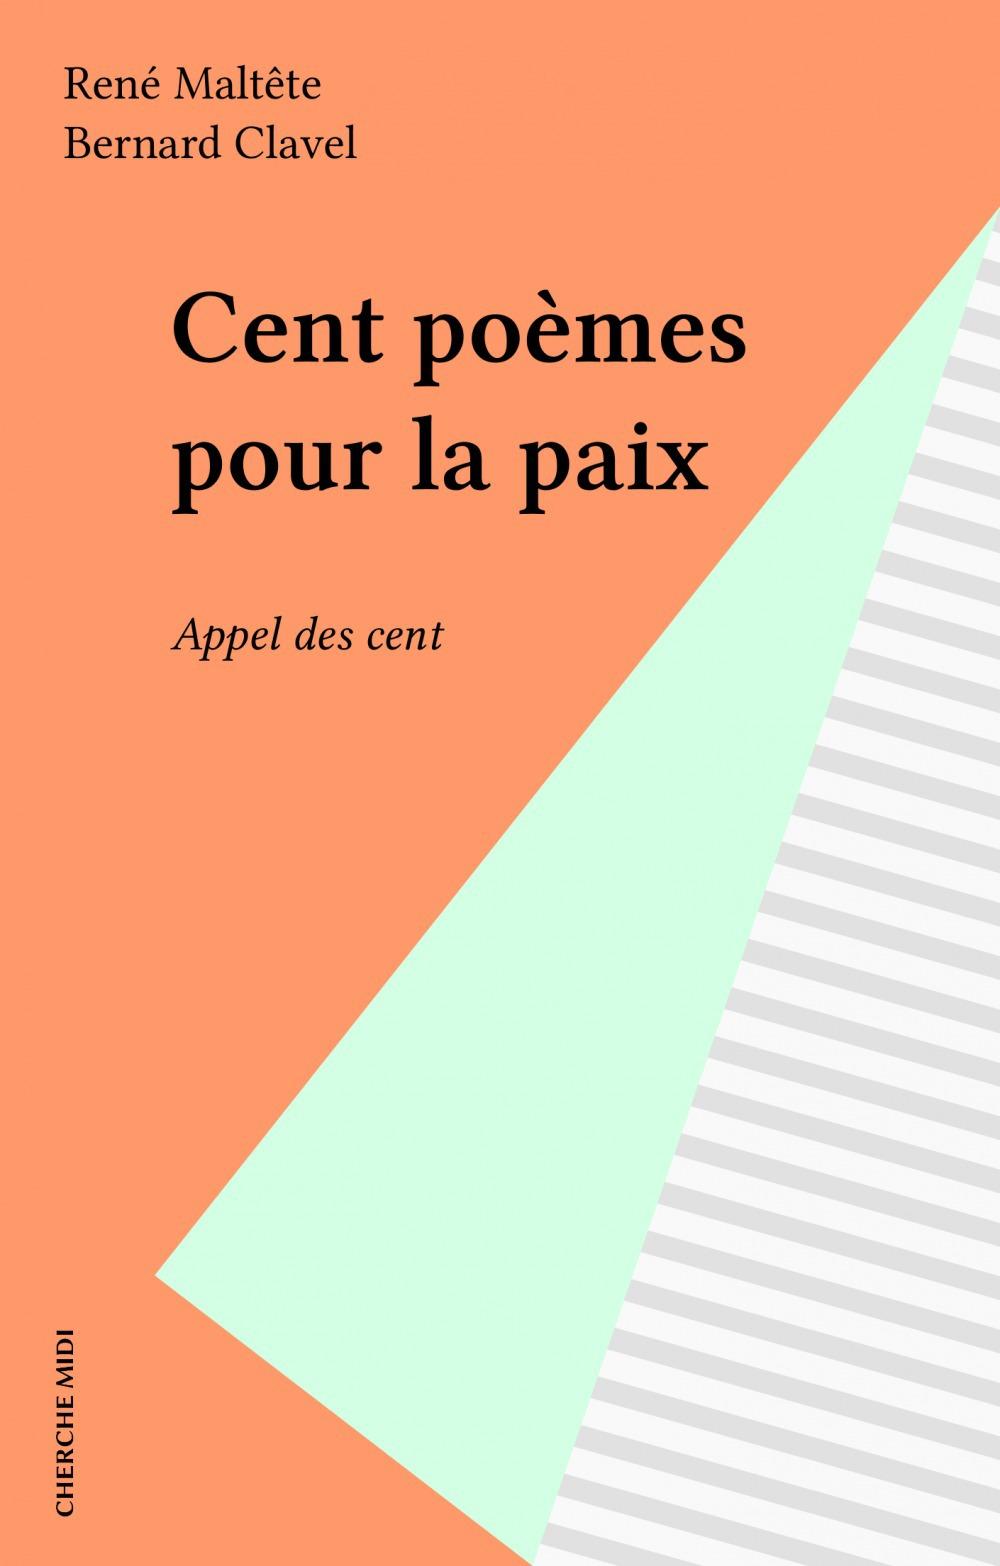 Cent poemes pour la paix